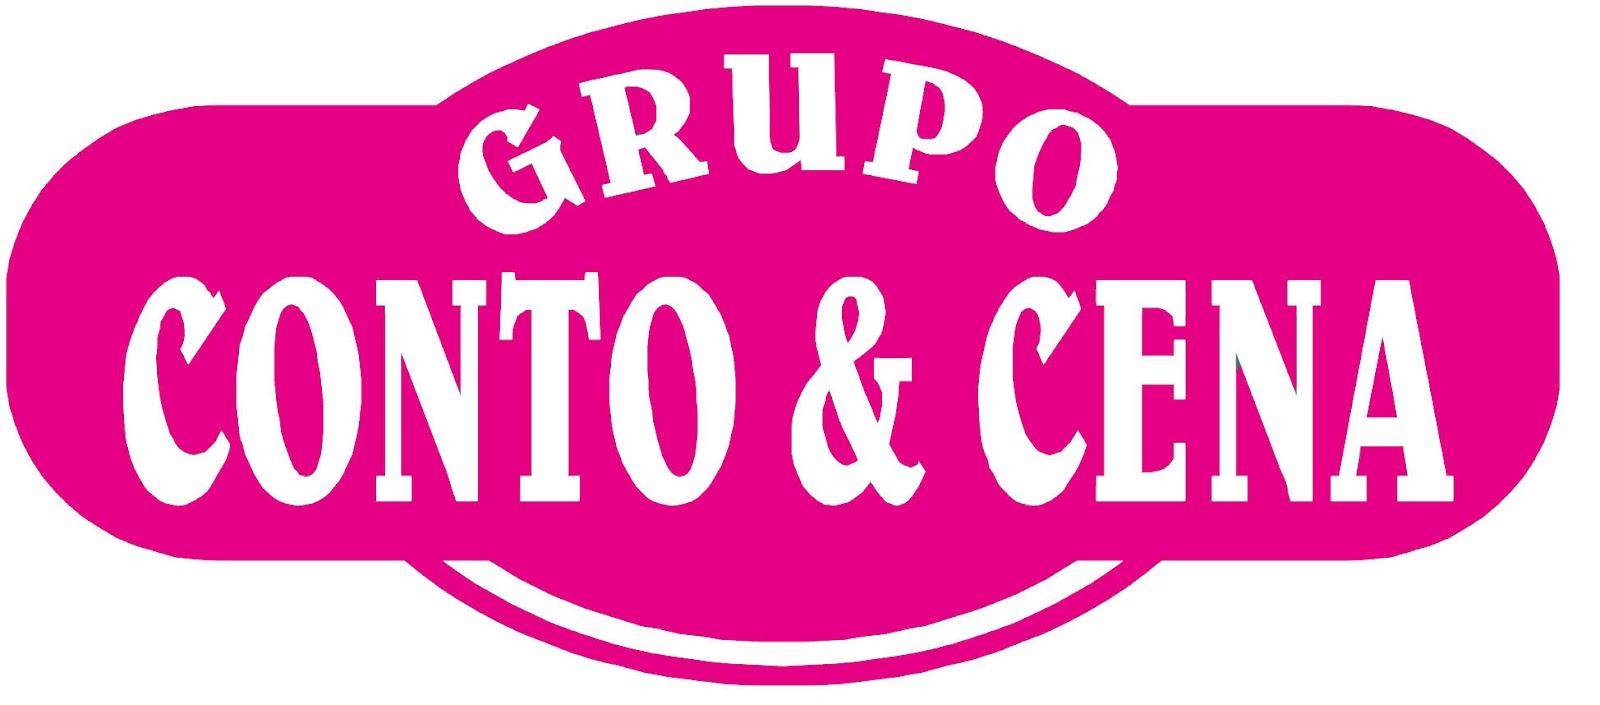 LOGO_CONTO_E_CENA_MAGENTA.jpg